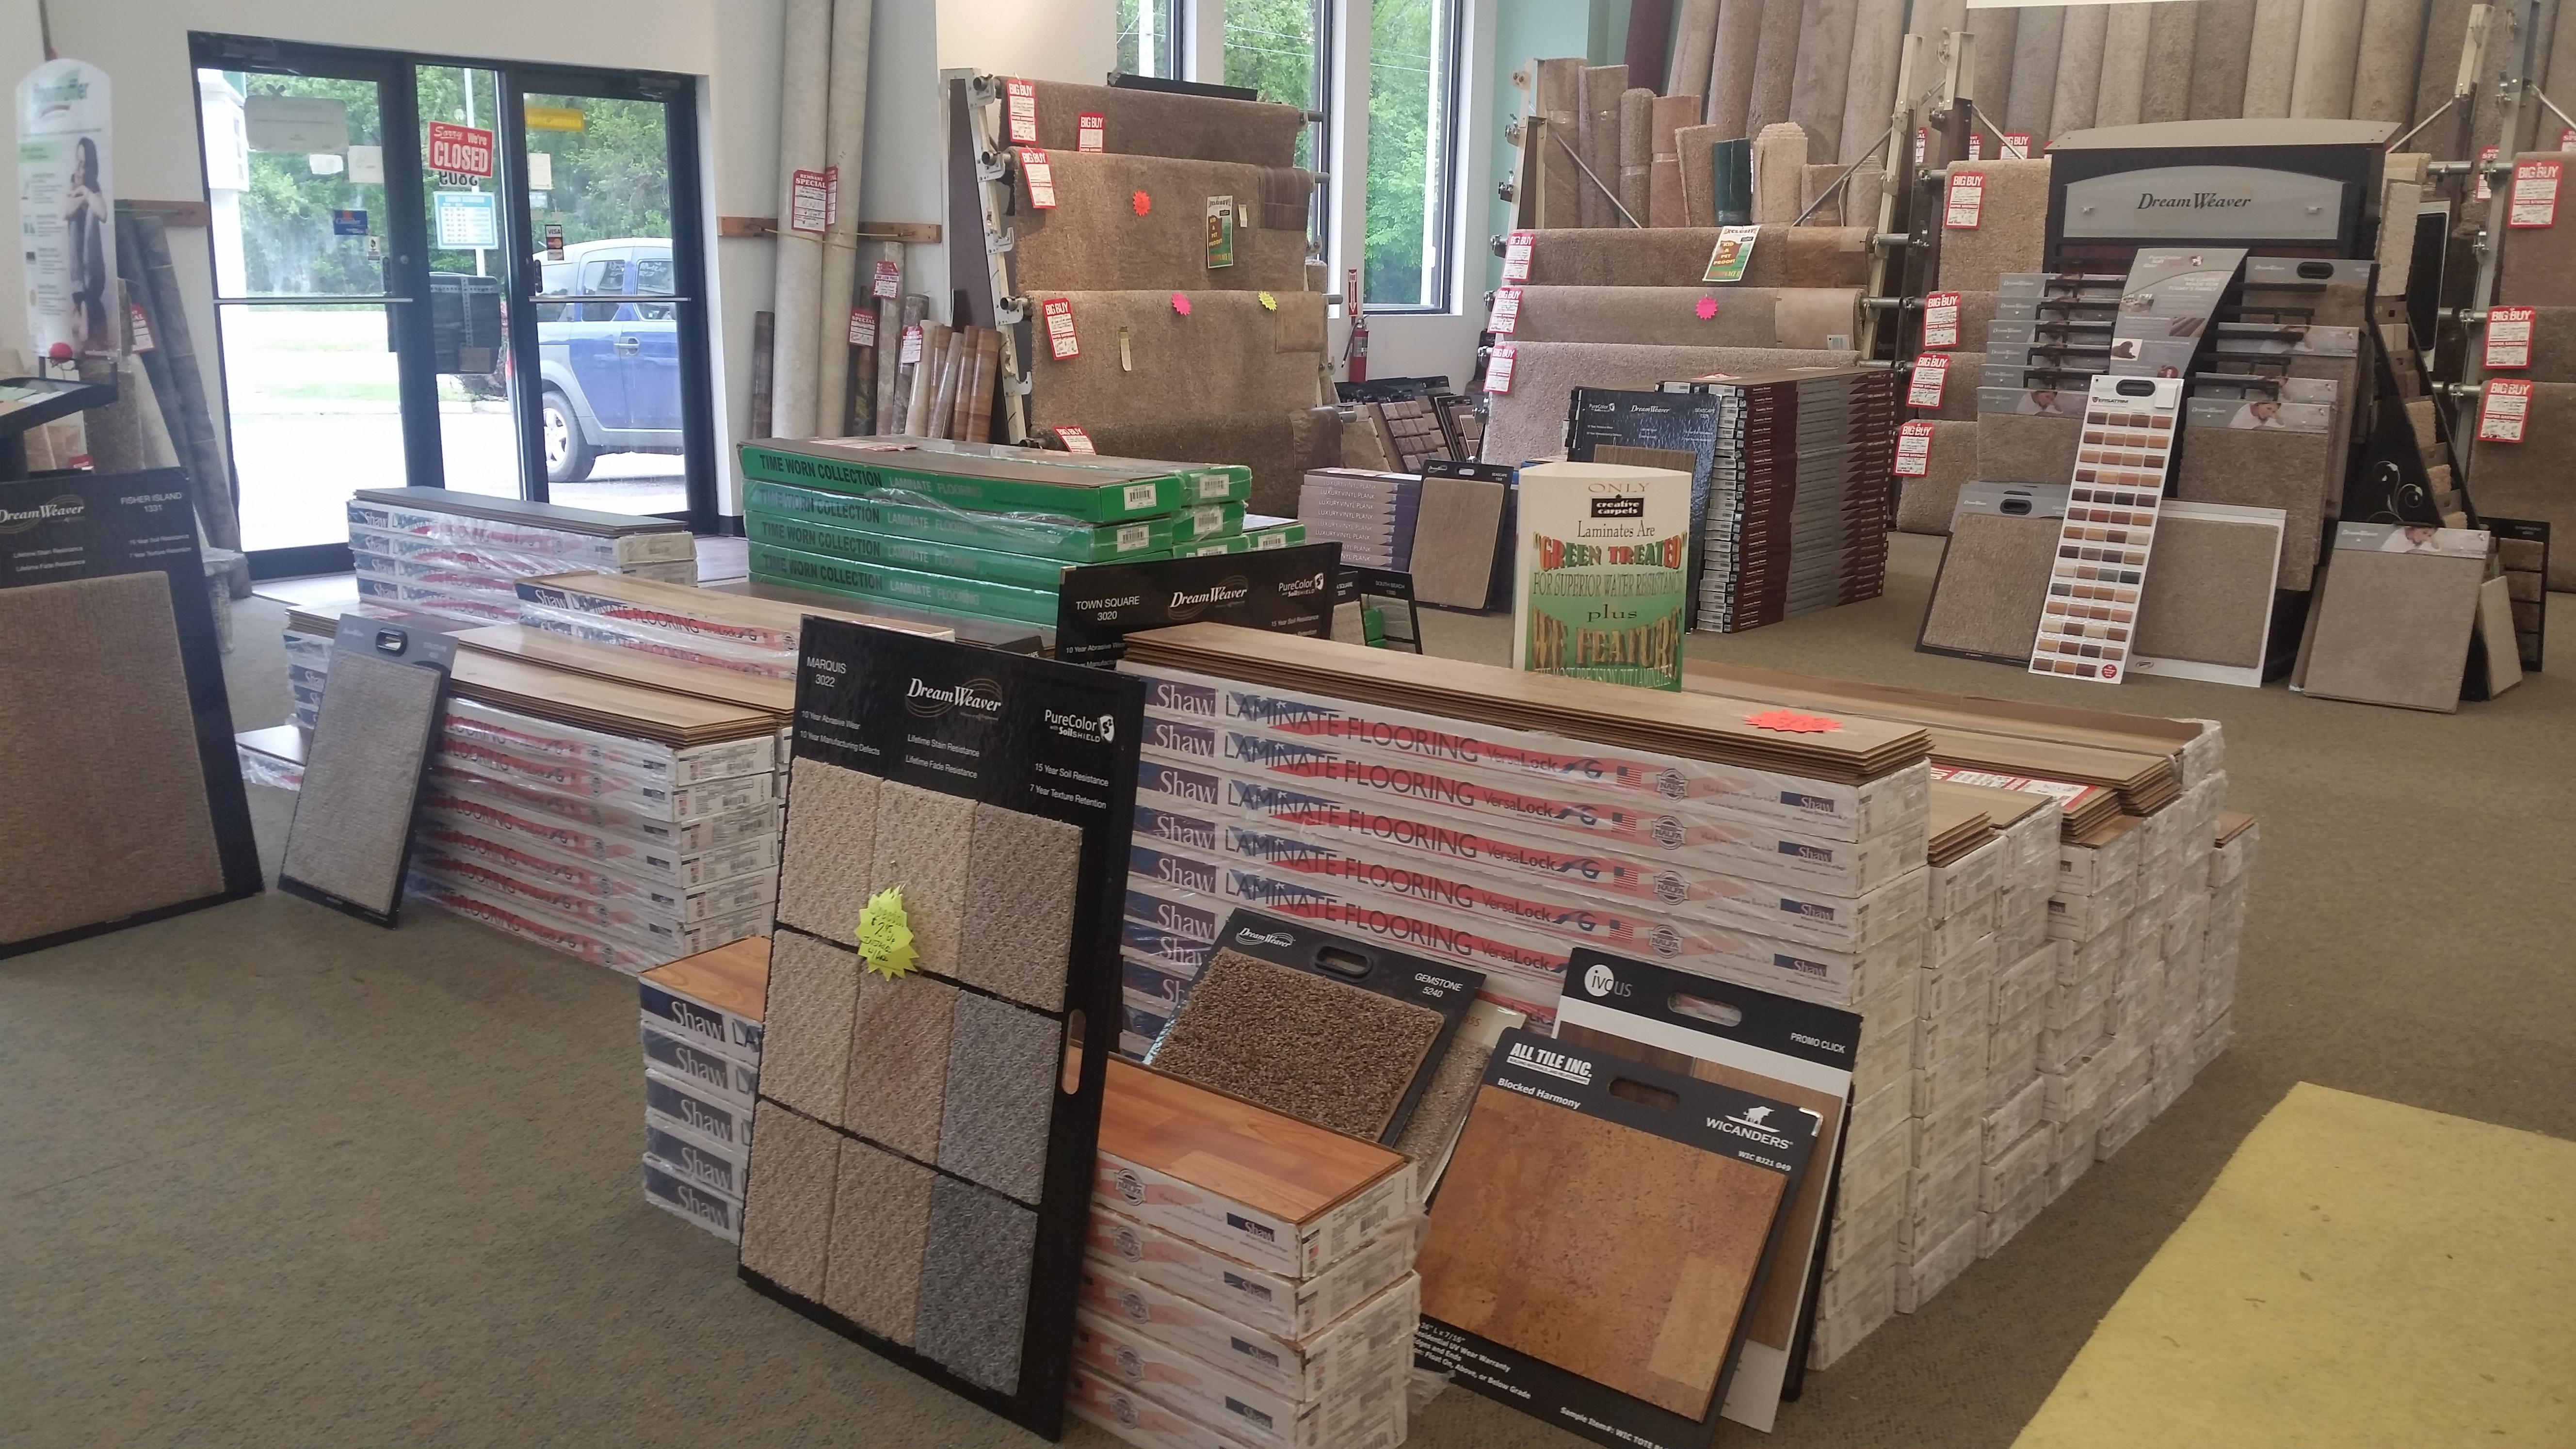 carpet/flooring in boxes